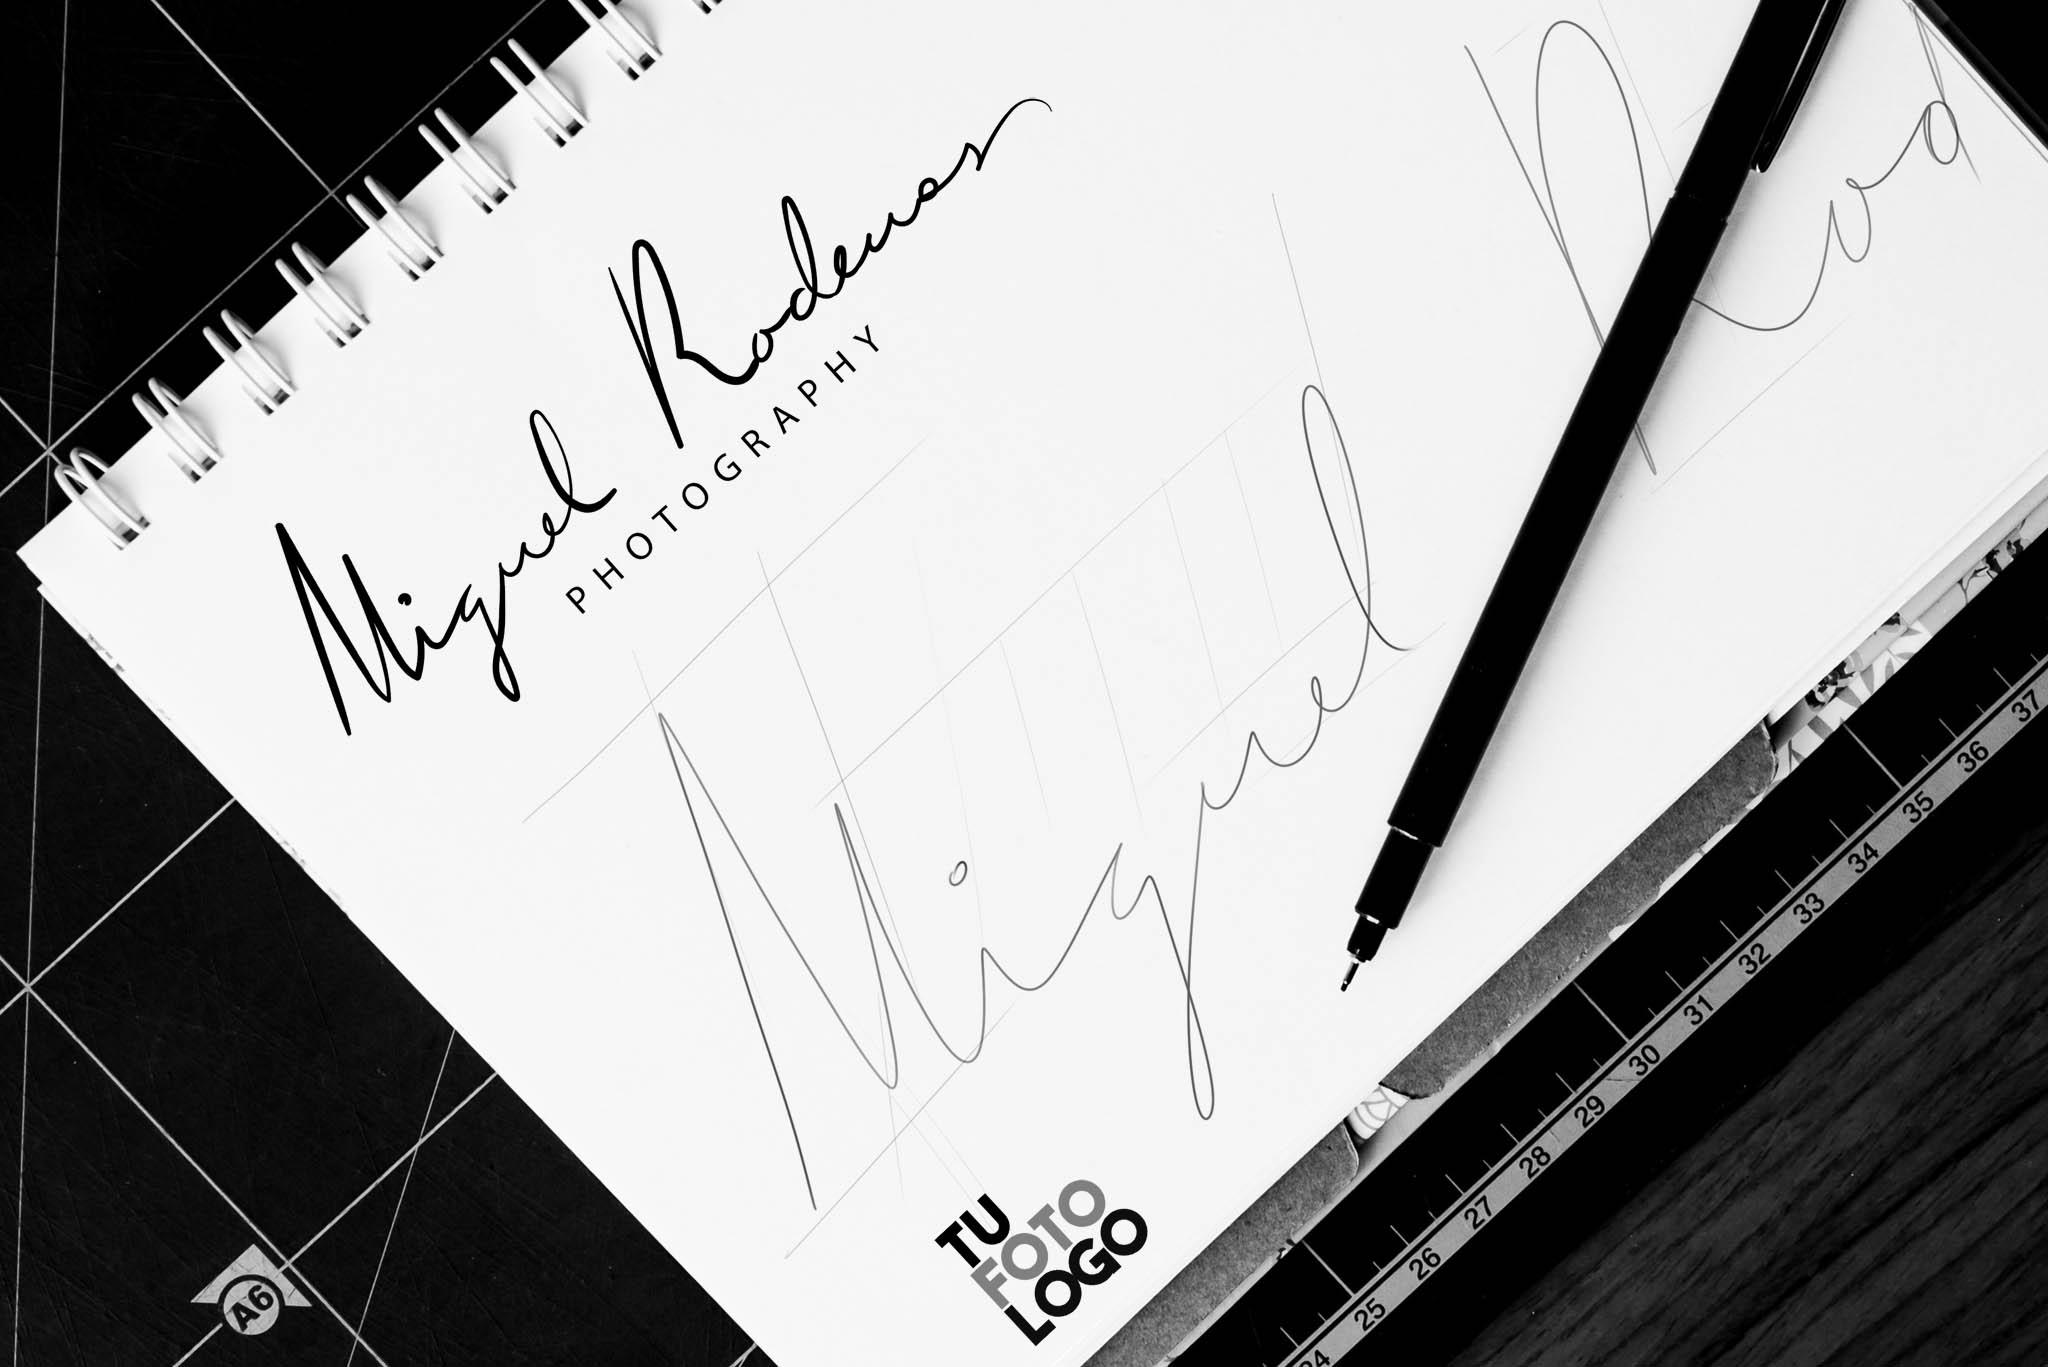 El logo que acompañará a Miguel!